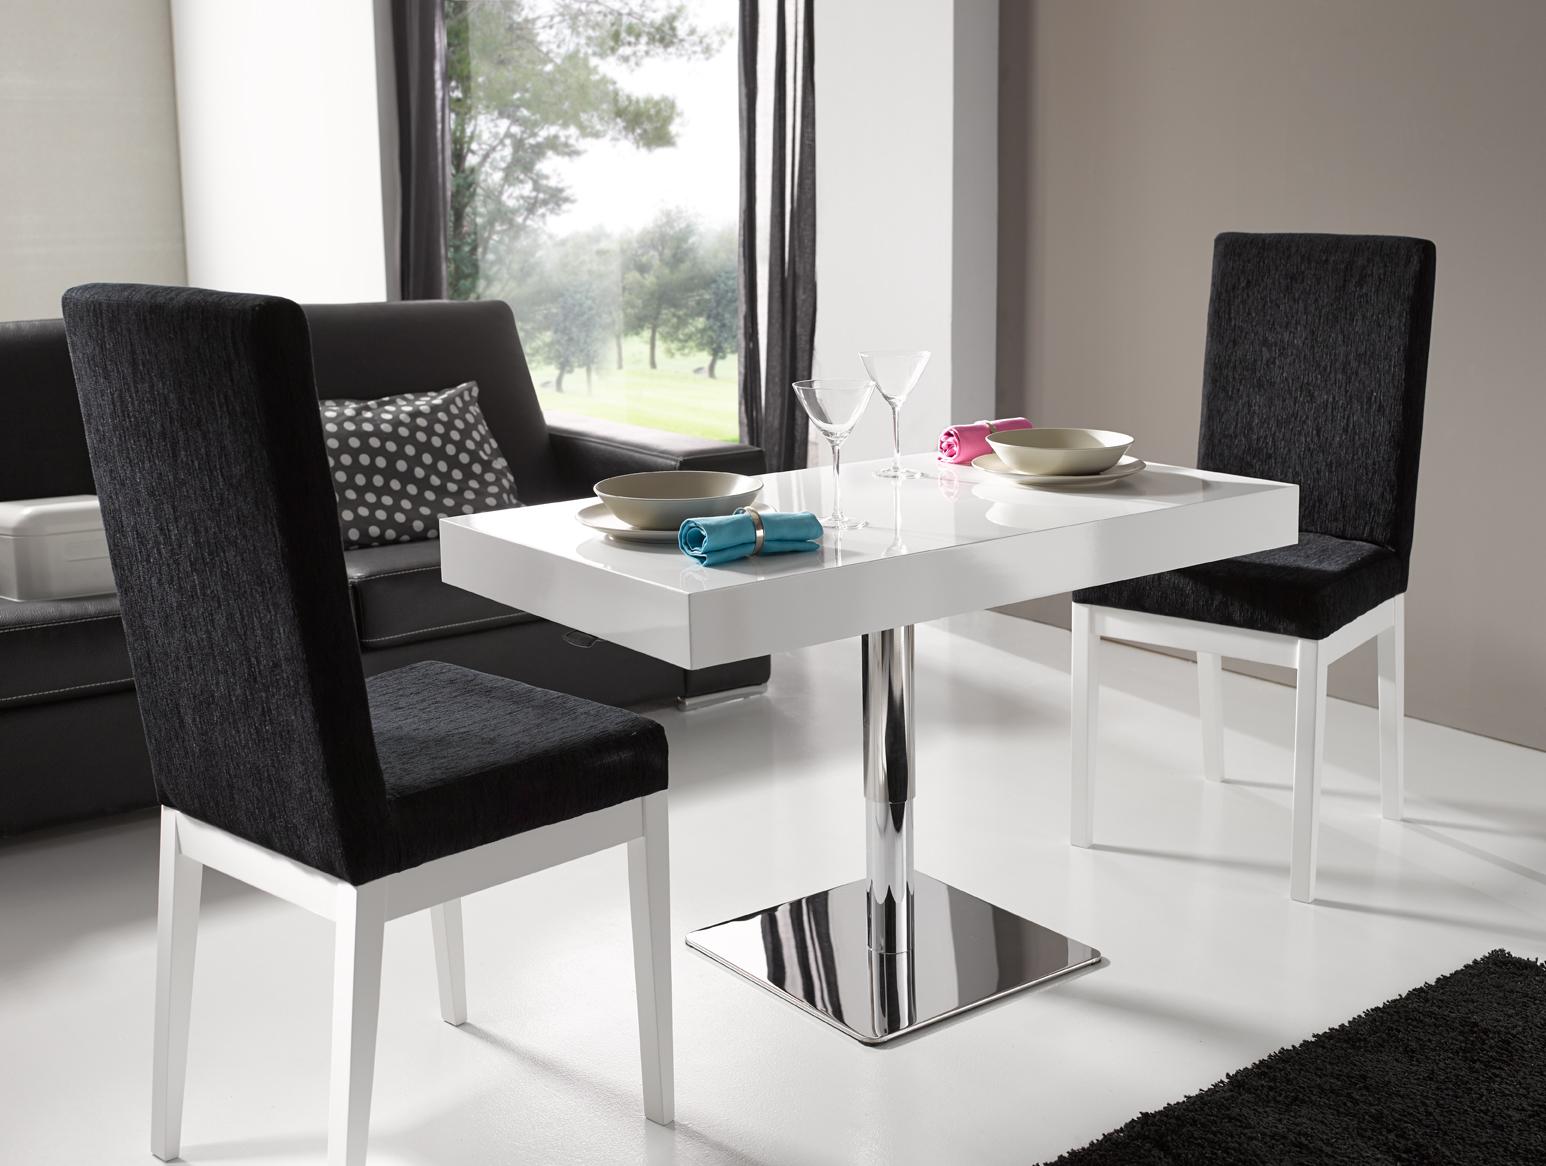 Comprar mesa de centro barata online lamesadecentro for Bases para mesas de centro